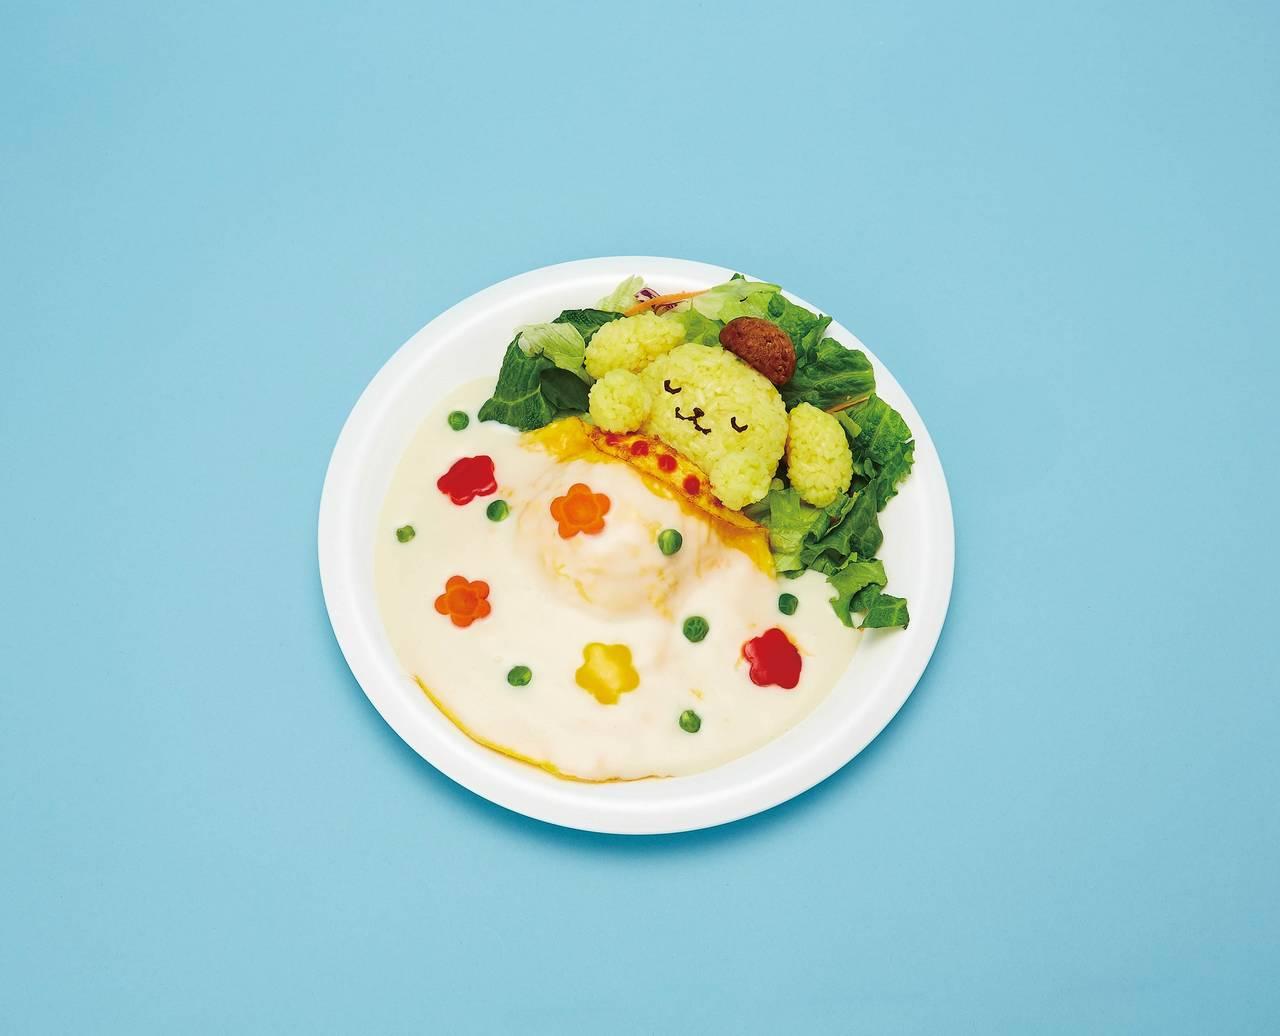 『サンリオ』キャラフードのレシピが期間限定公開